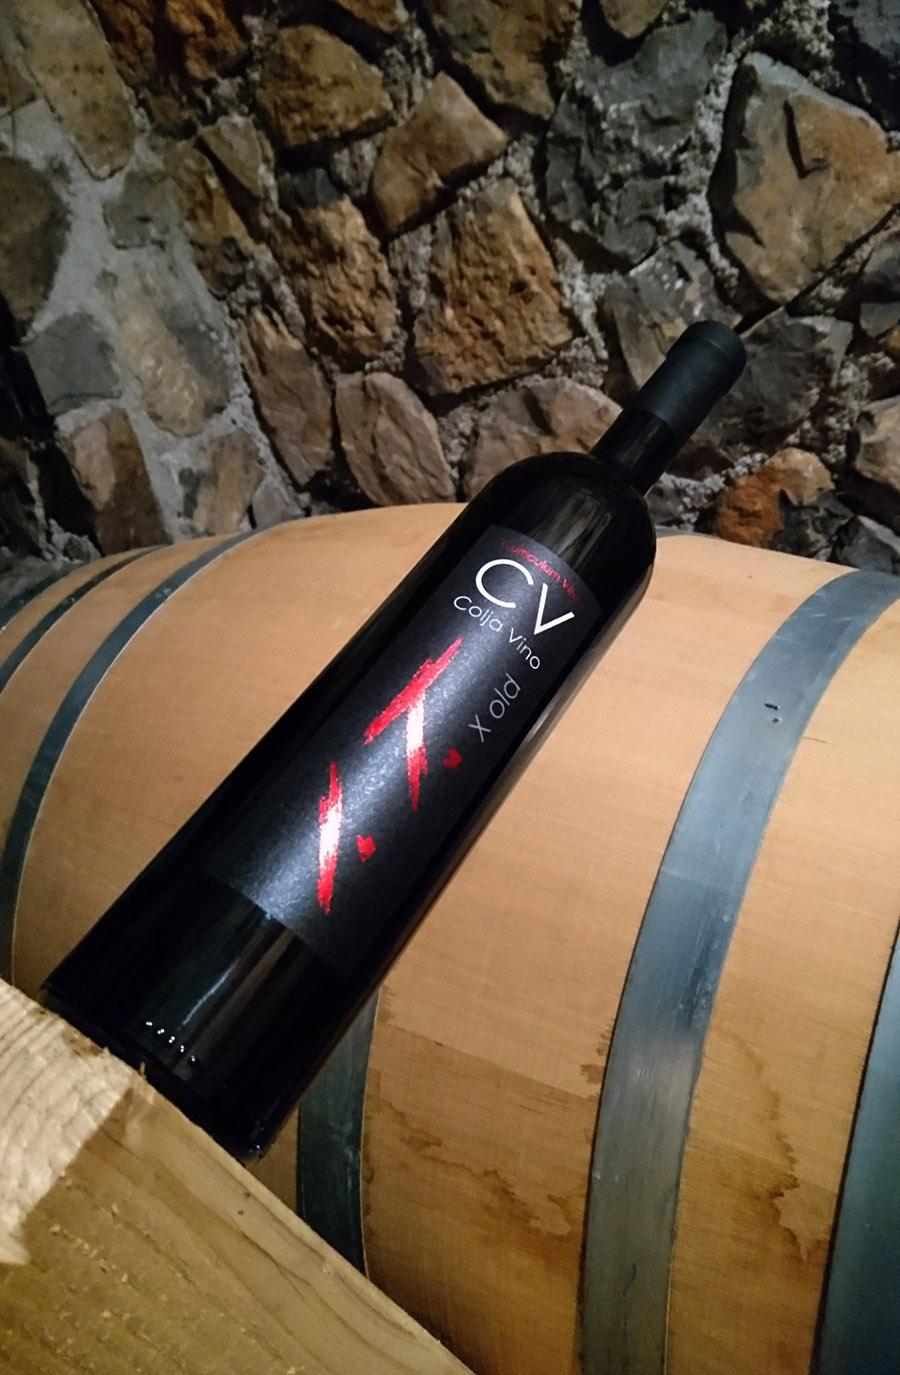 gastrogurman-si-vino-meseca-colja-vino-itx-steklenica